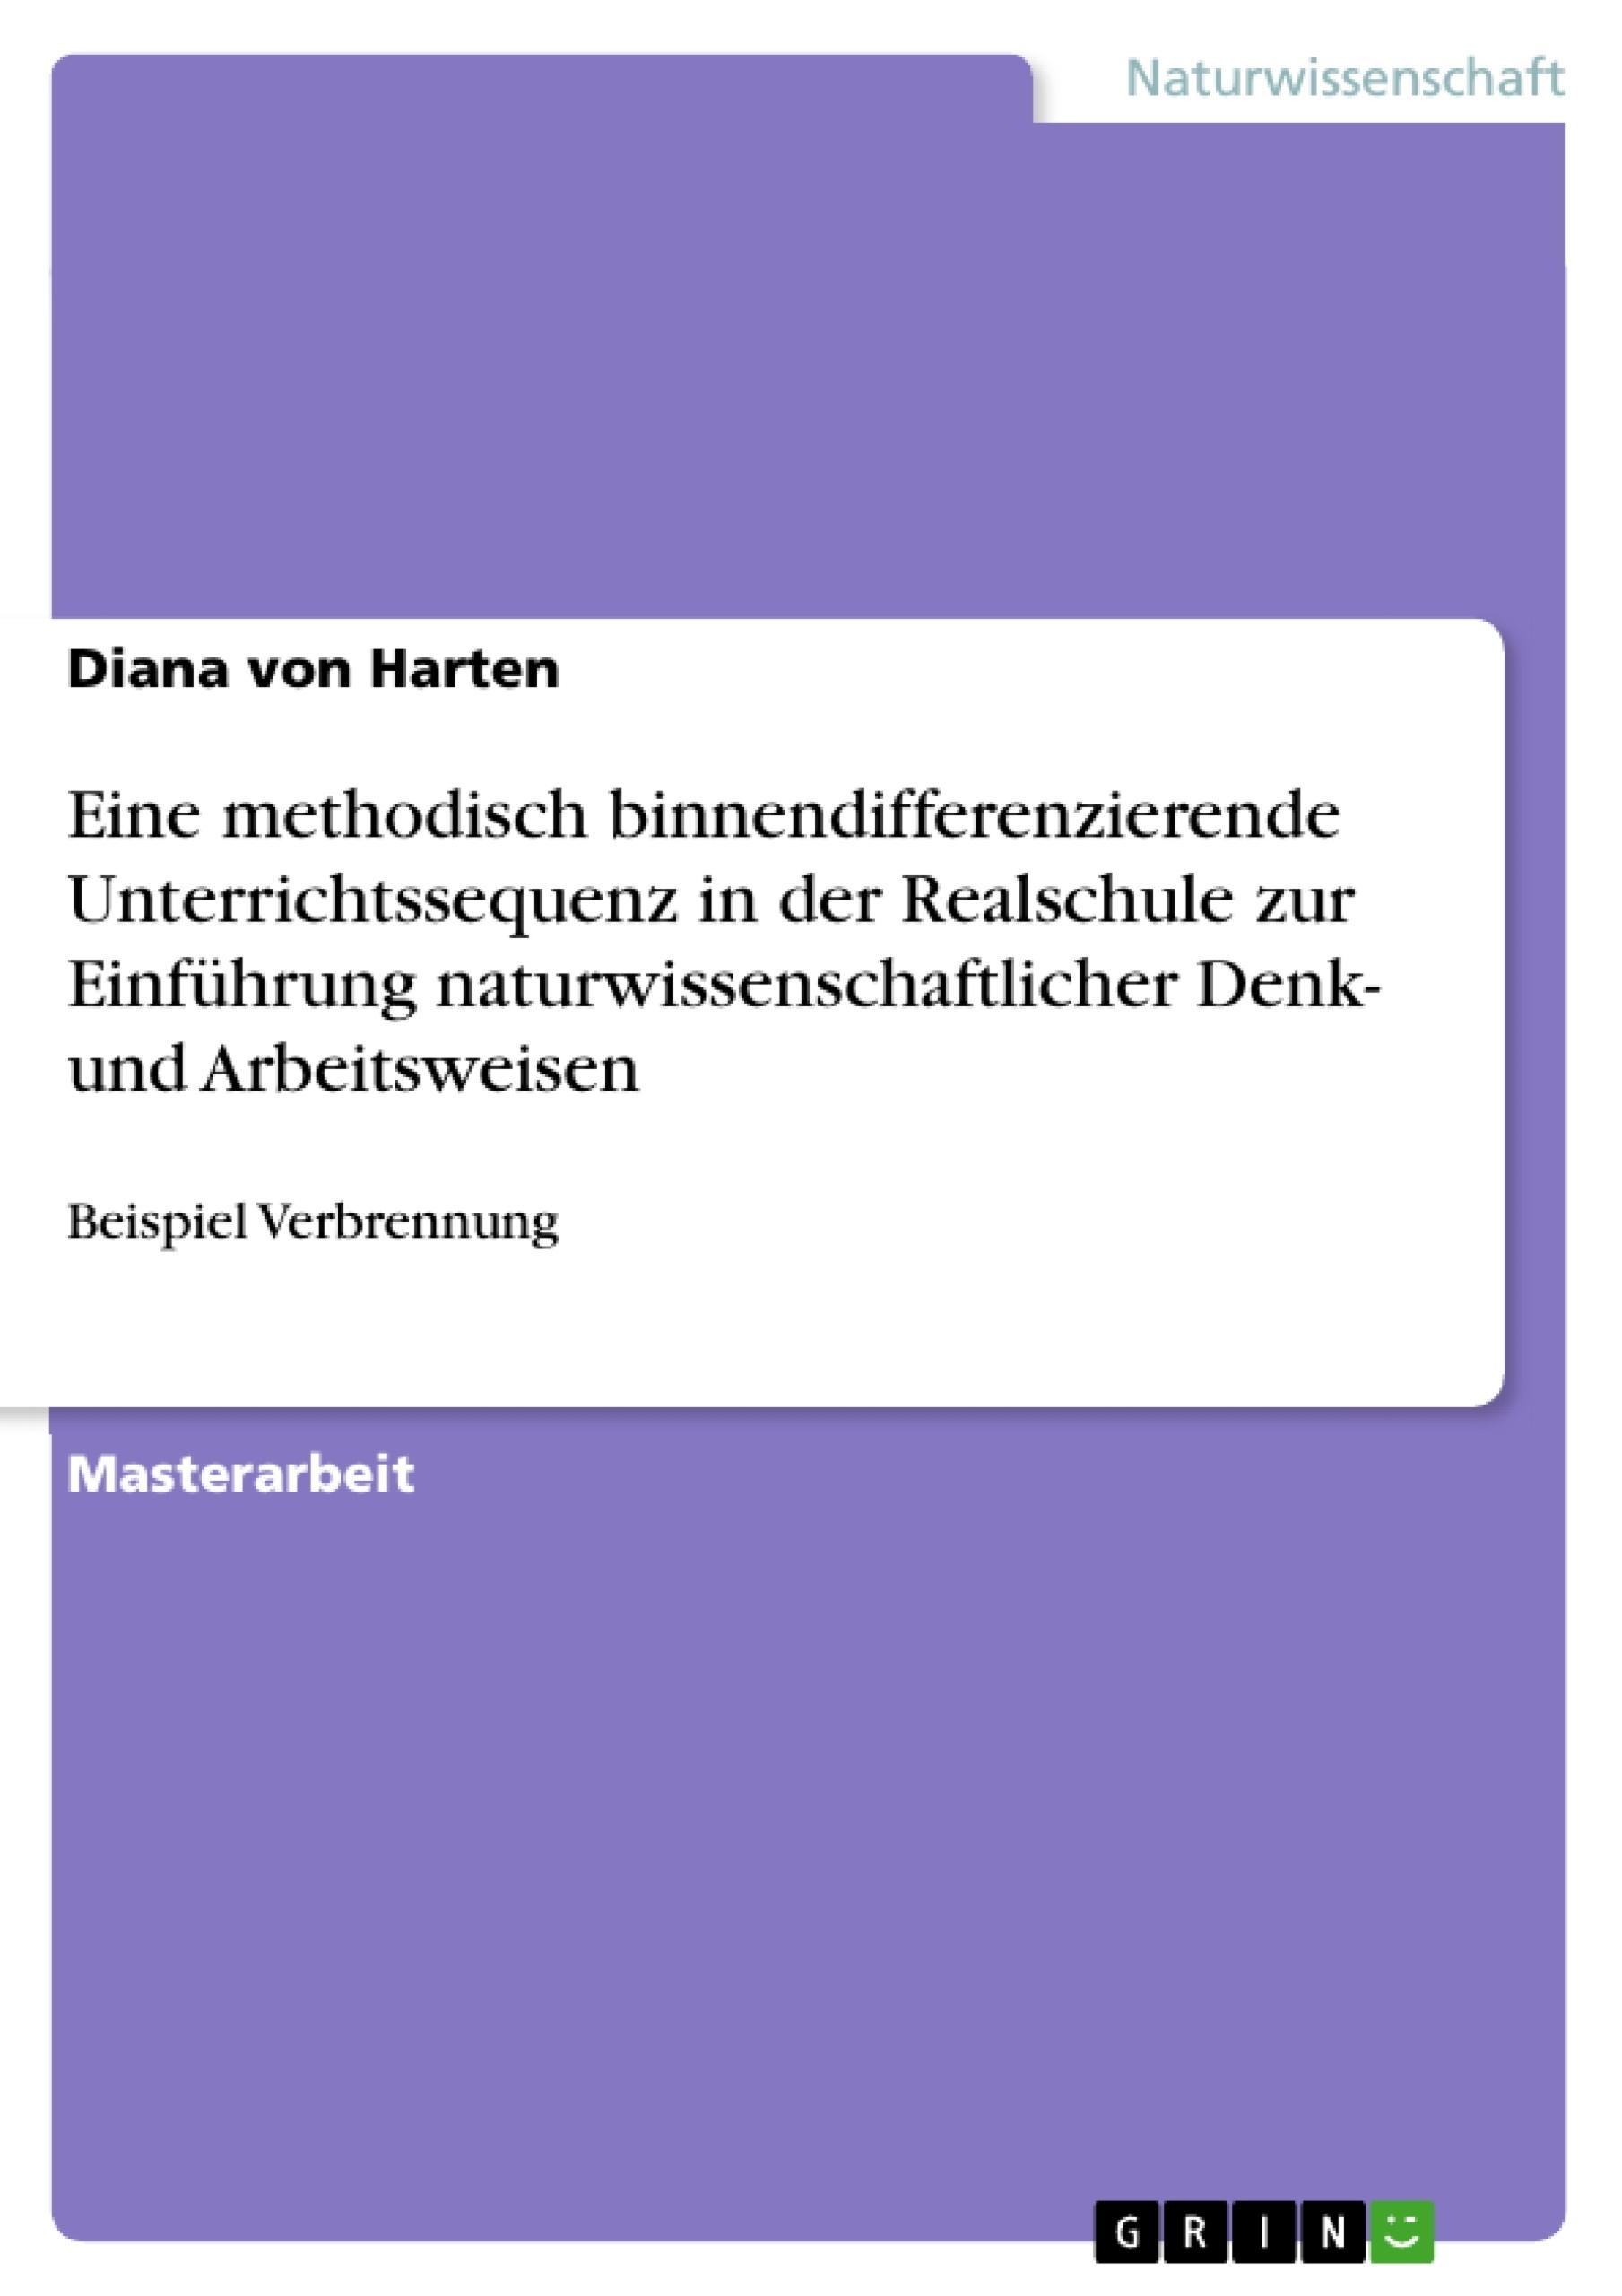 Titel: Eine methodisch binnendifferenzierende Unterrichtssequenz in der Realschule zur Einführung naturwissenschaftlicher Denk- und Arbeitsweisen